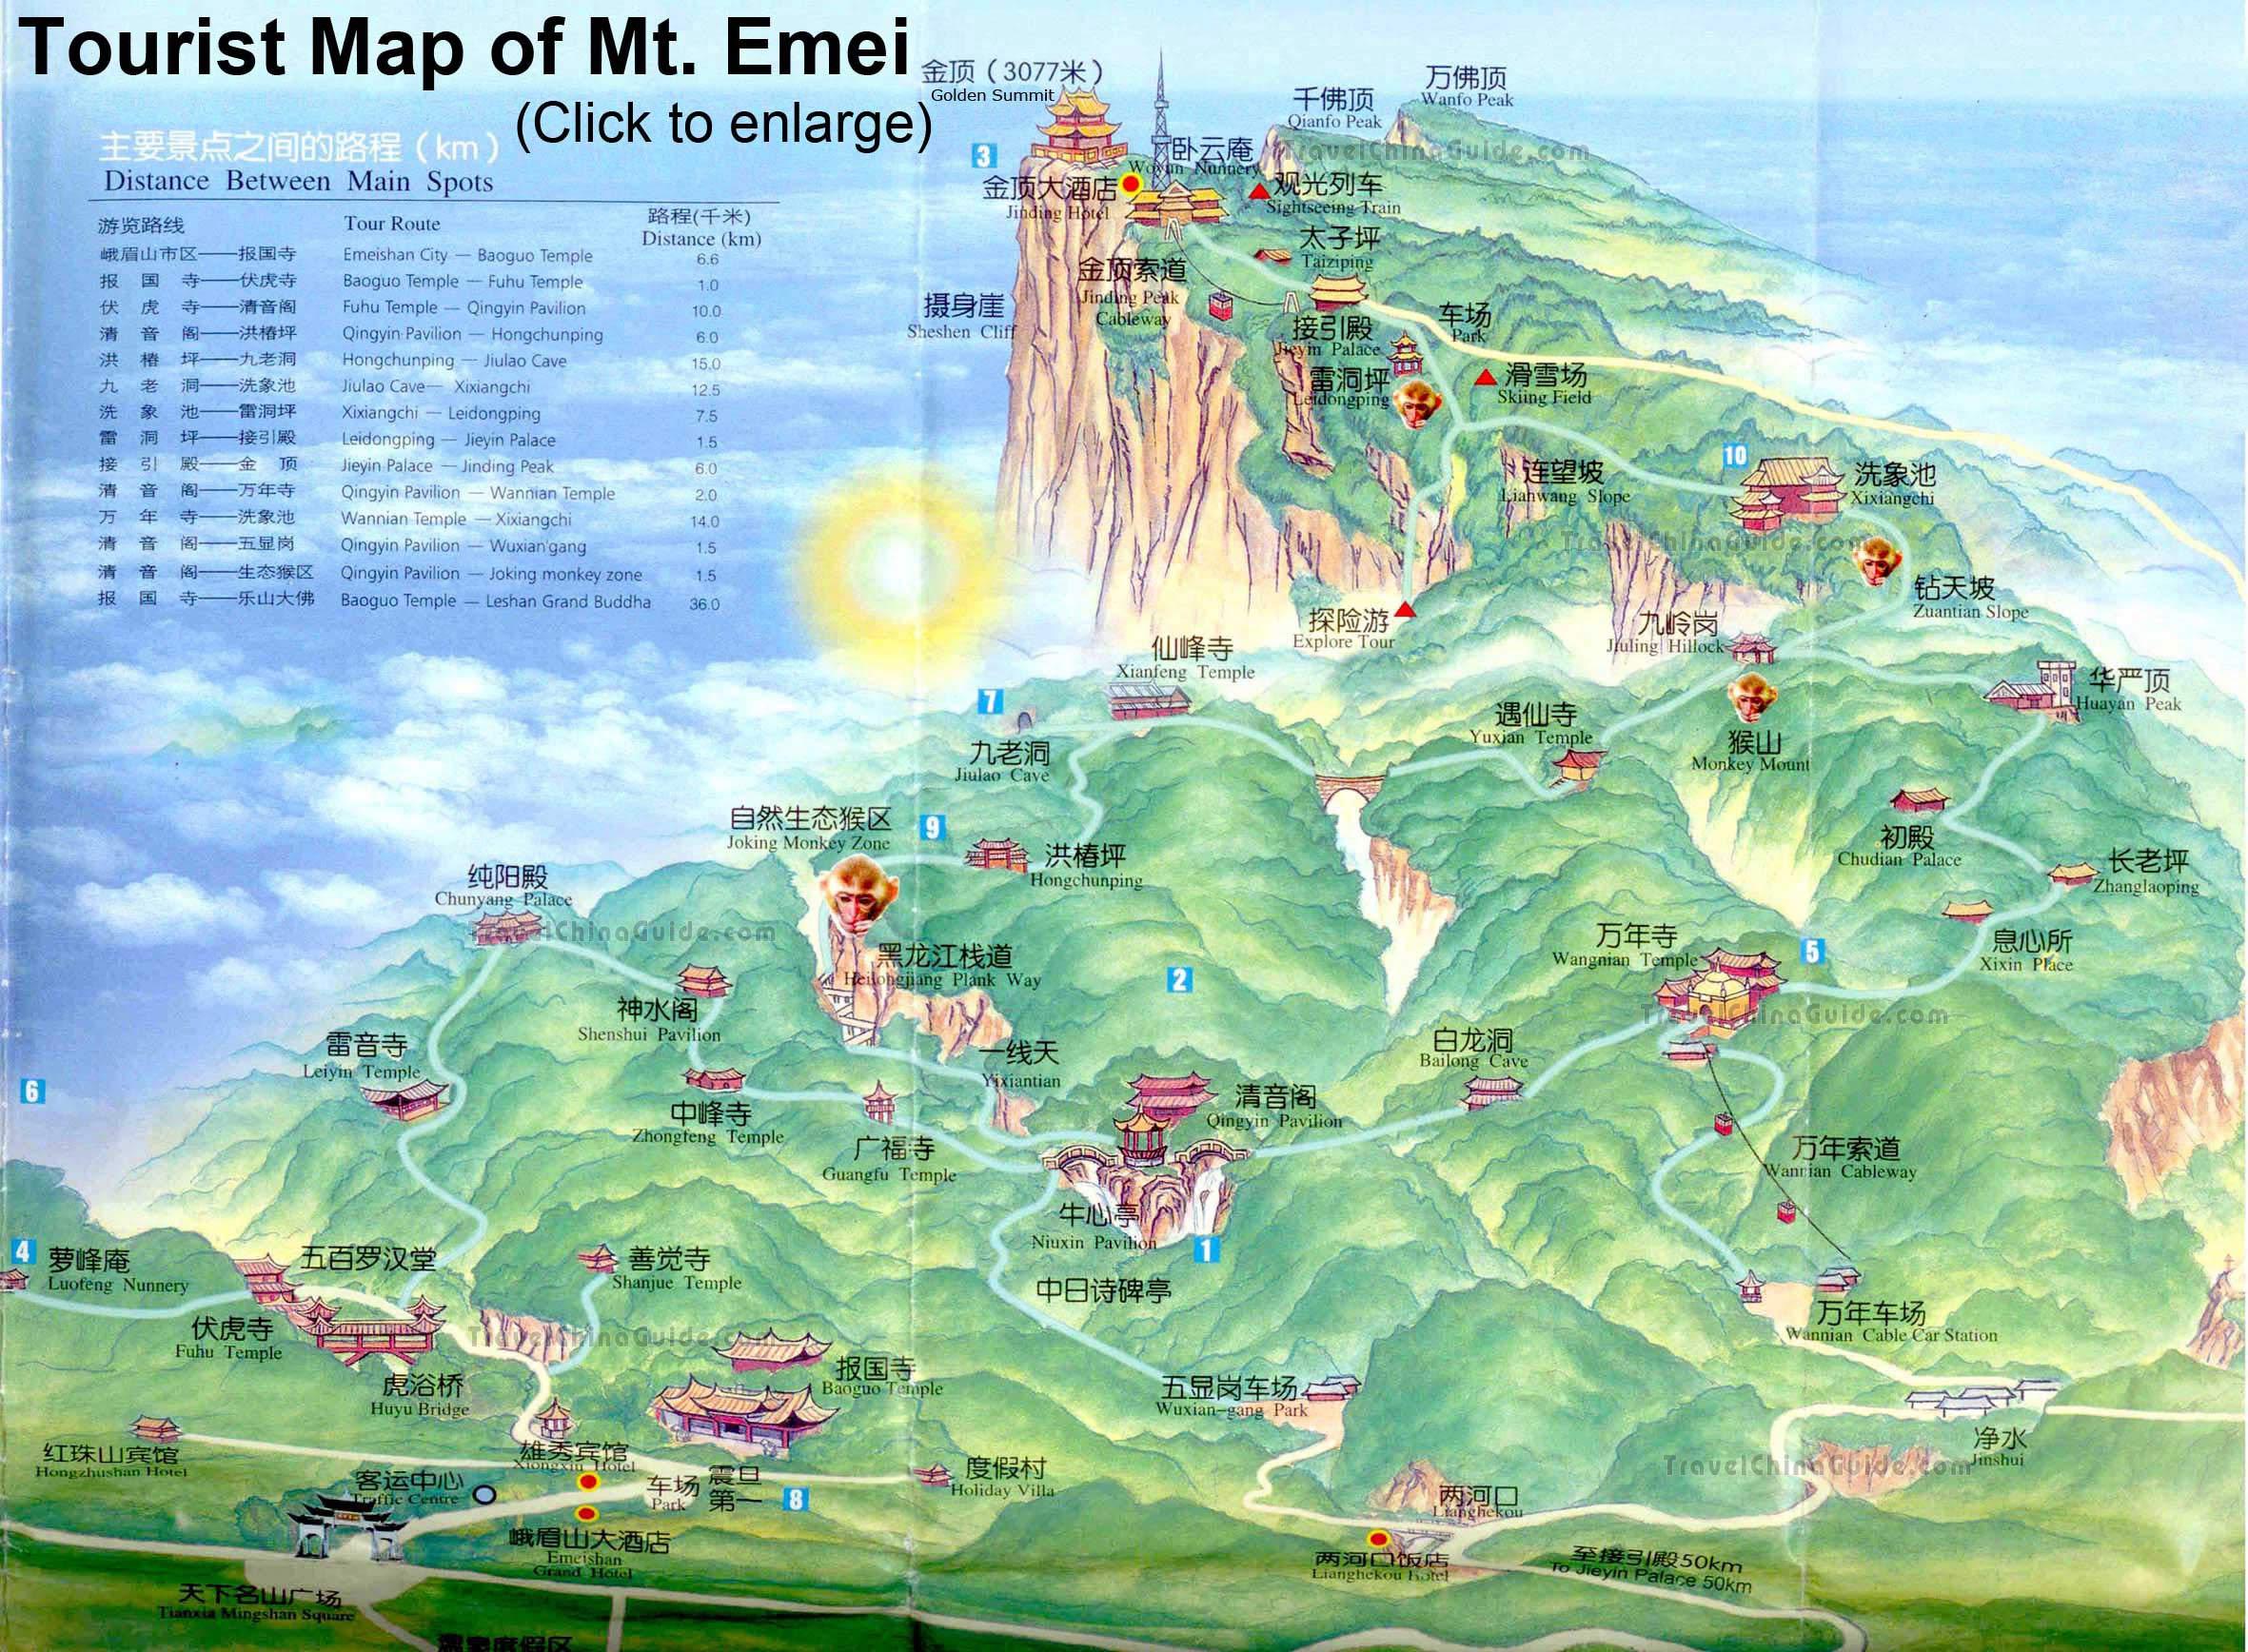 Mapa Emeishan i kilka słów o regionie:  https://www.travelchinaguide.com/attraction/sichuan/leshan/mt_emei.htm